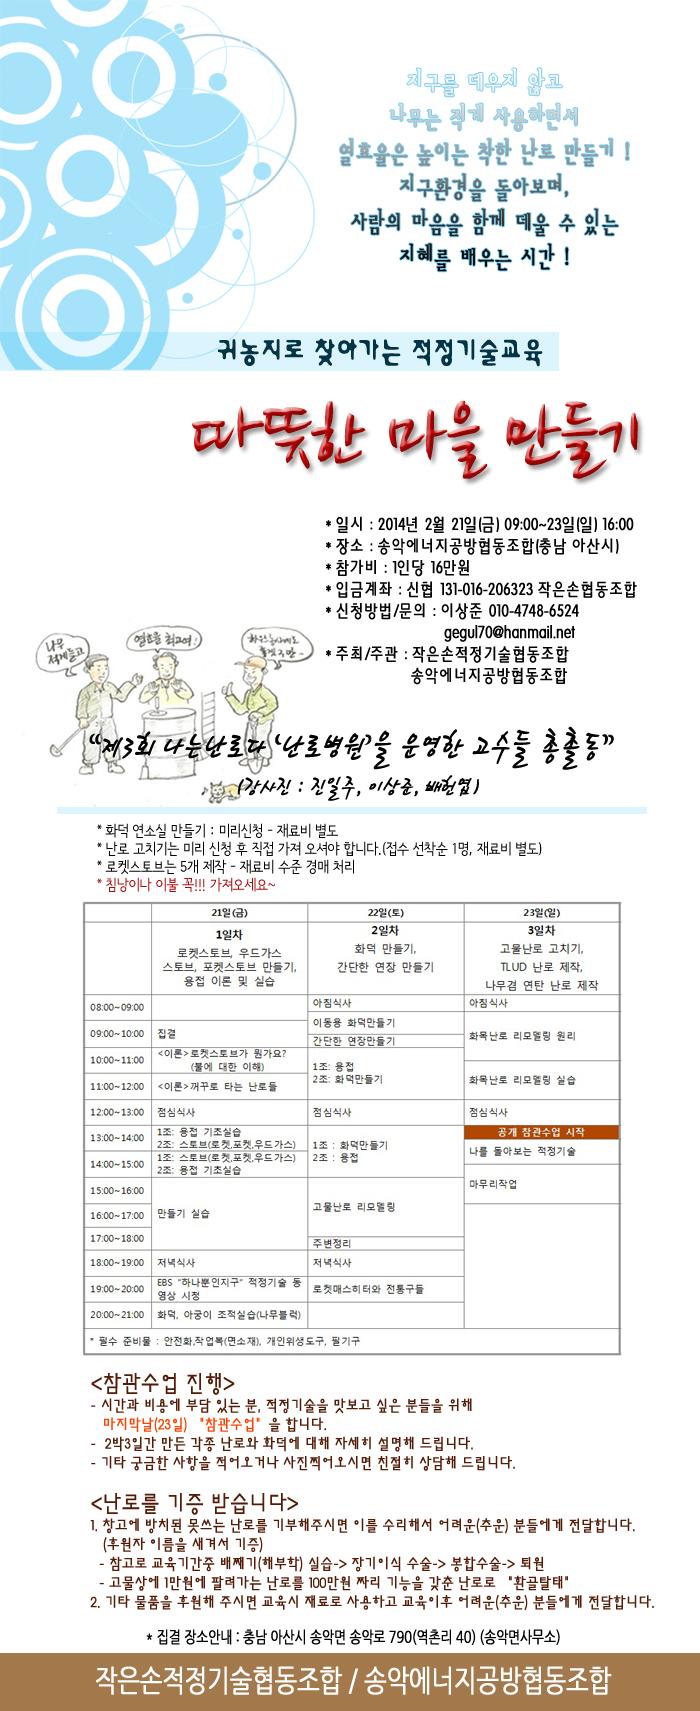 적정기술교육-20140214_1.jpg